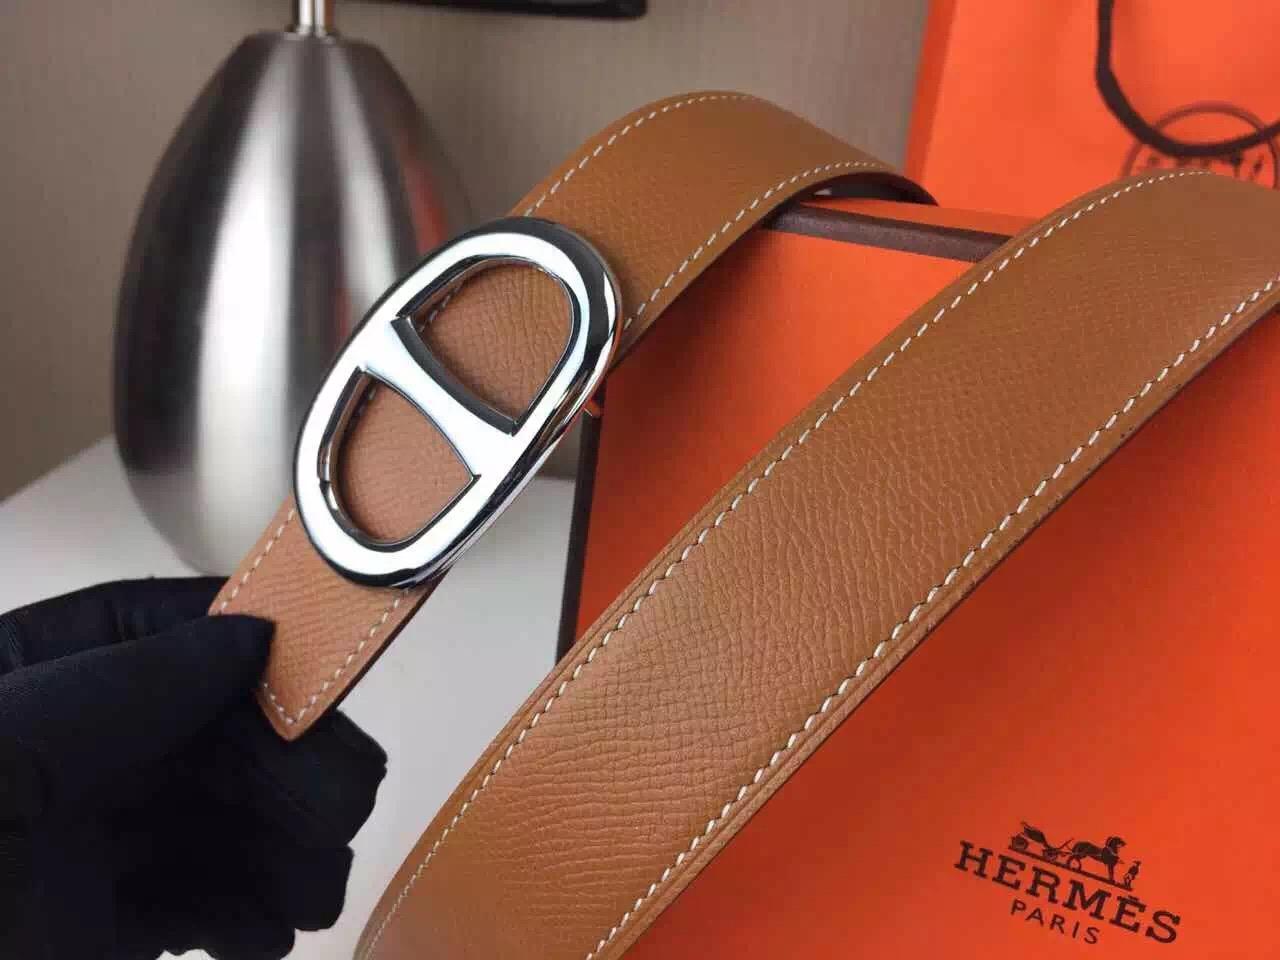 Hermes belt source Novel design Brown palm print